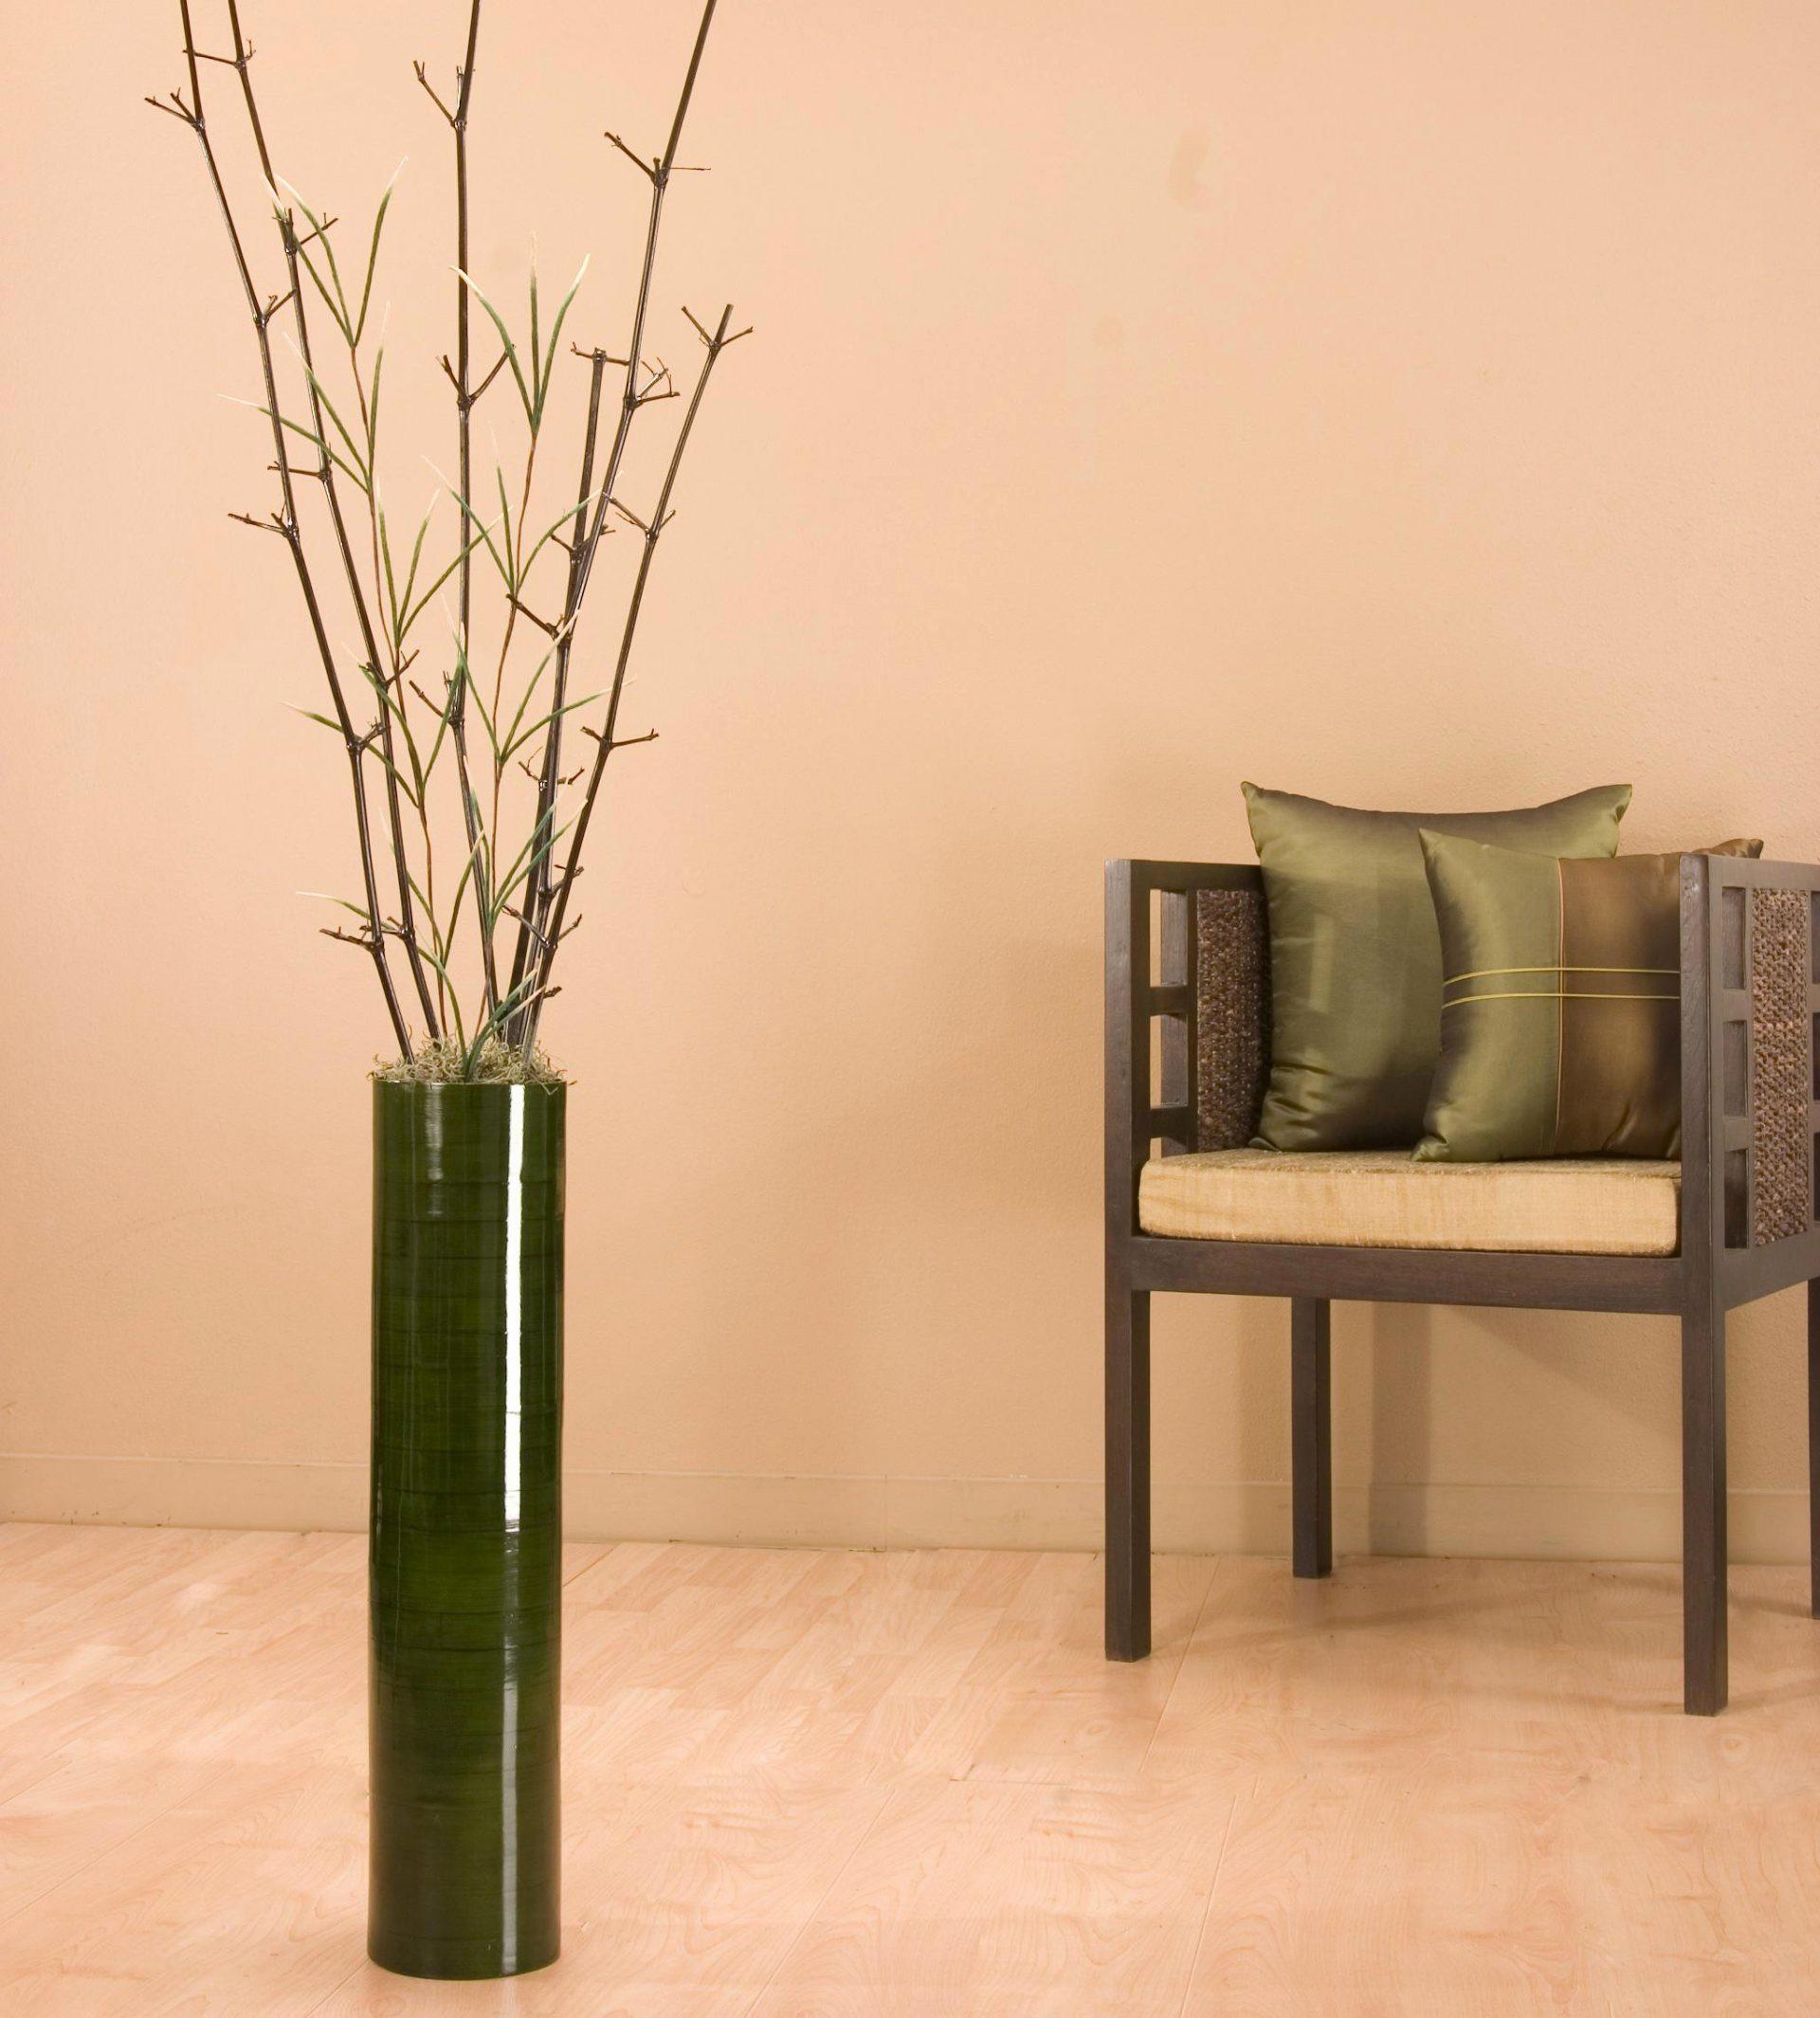 25 Unique Large Tall Floor Vases | Decorative vase Ideas